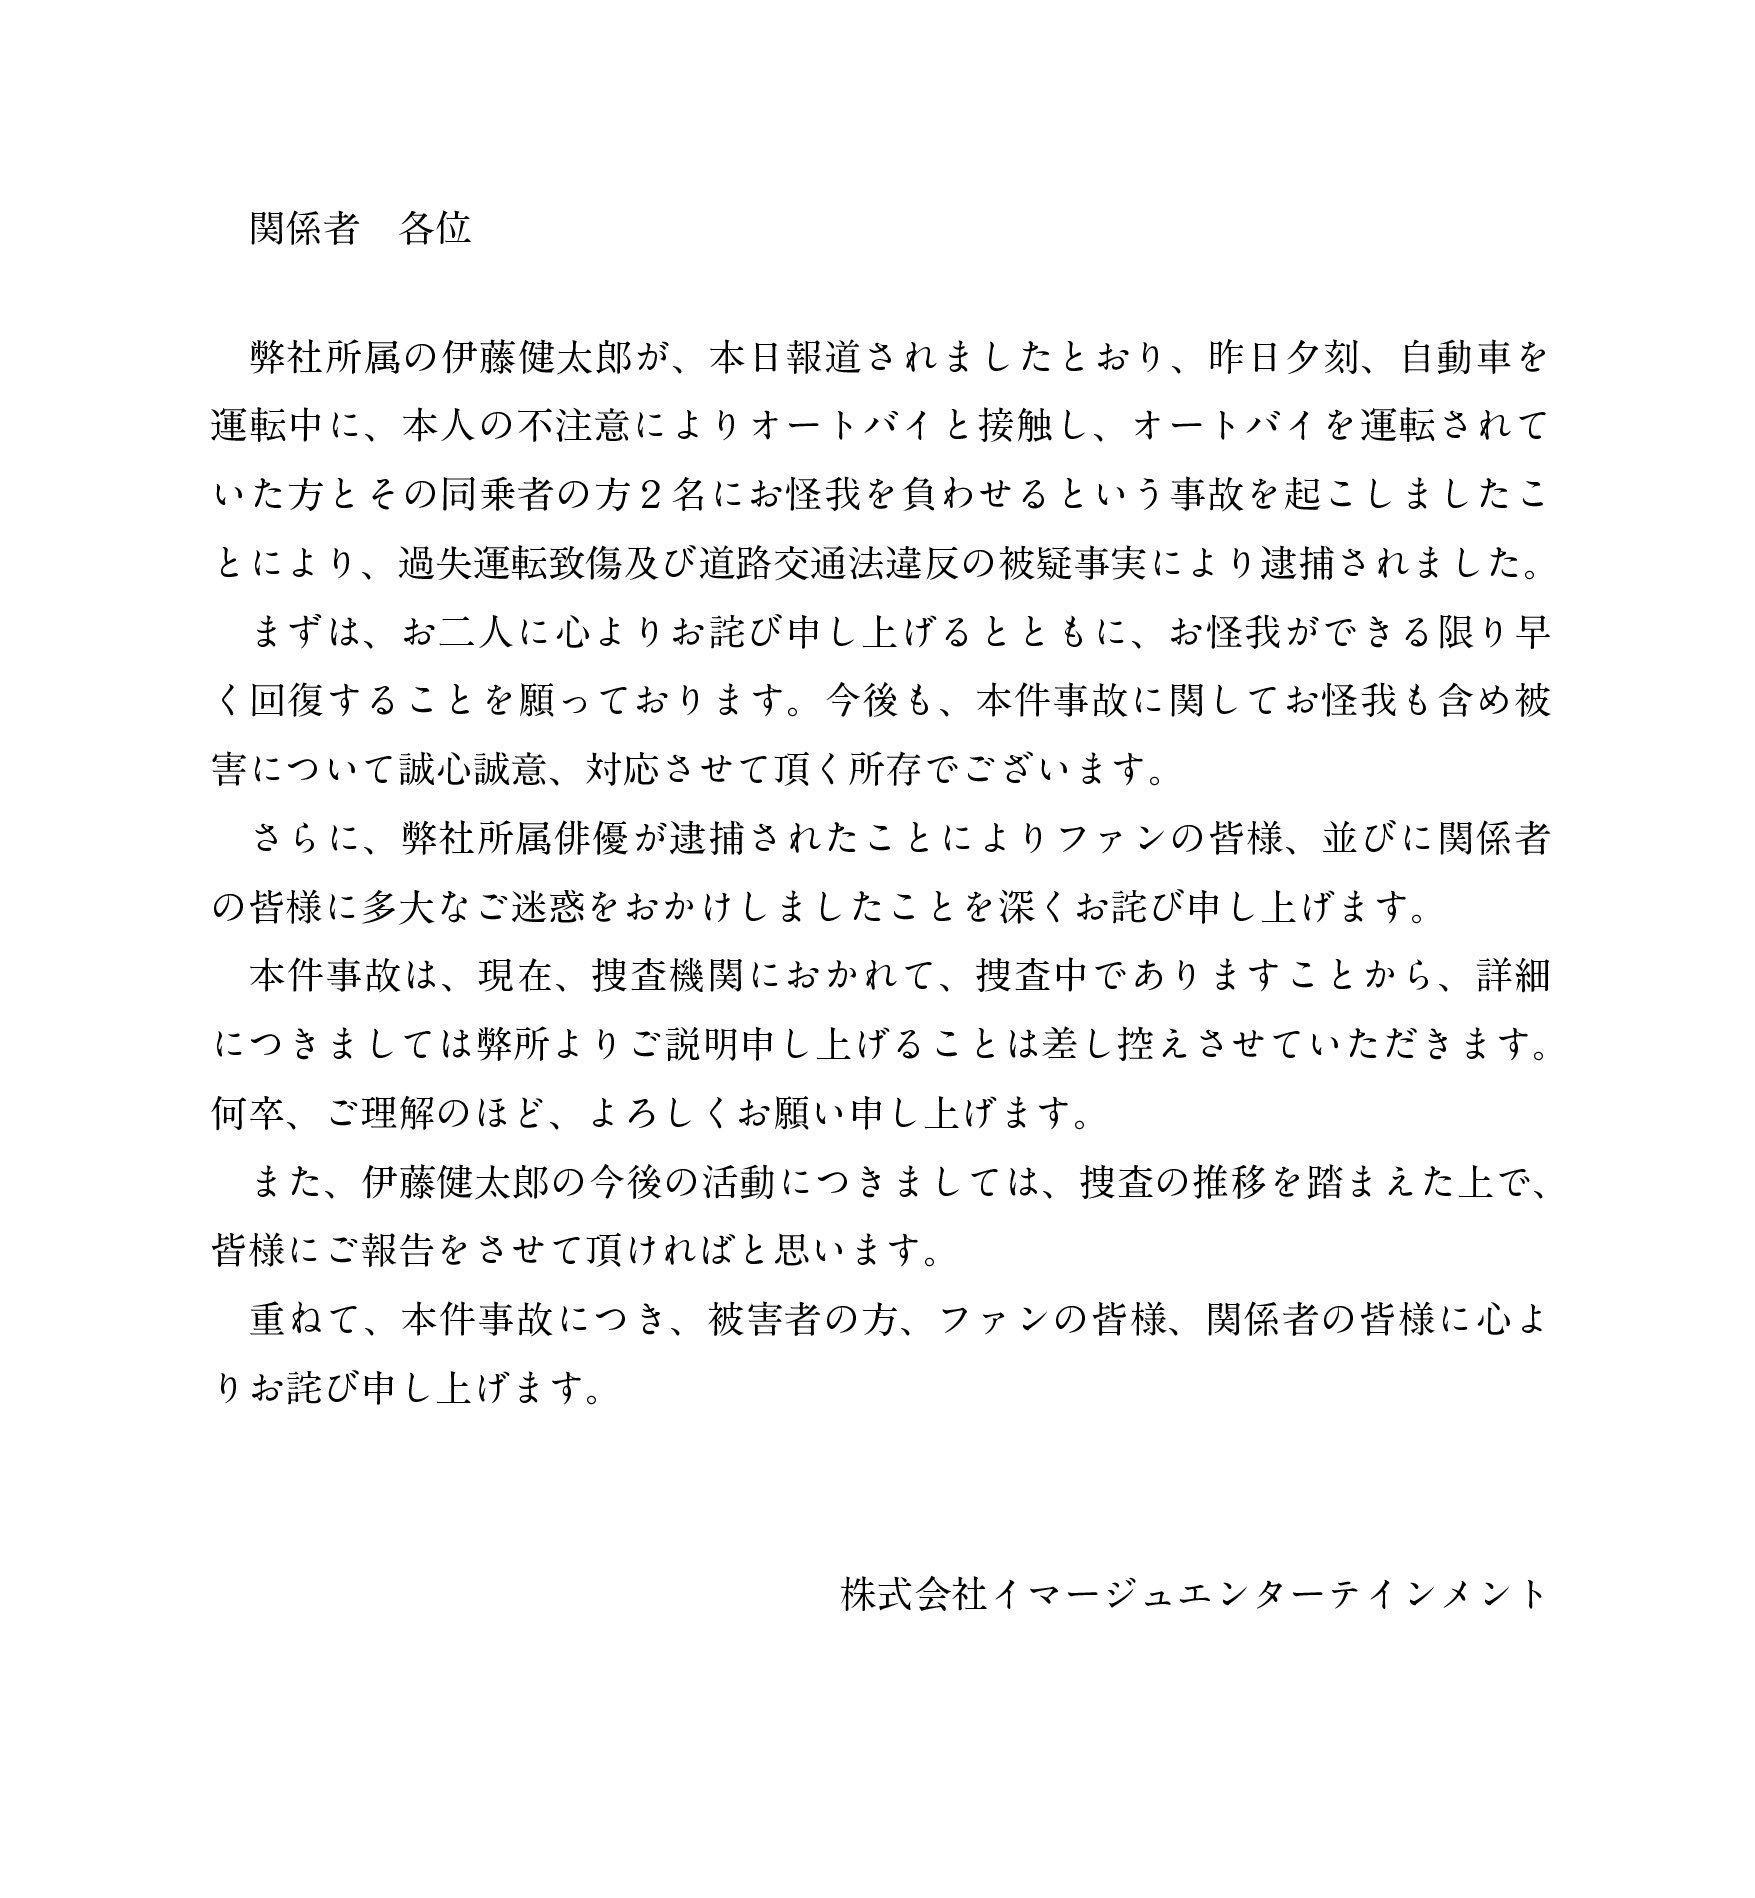 伊藤健太郎 肇事逃逸